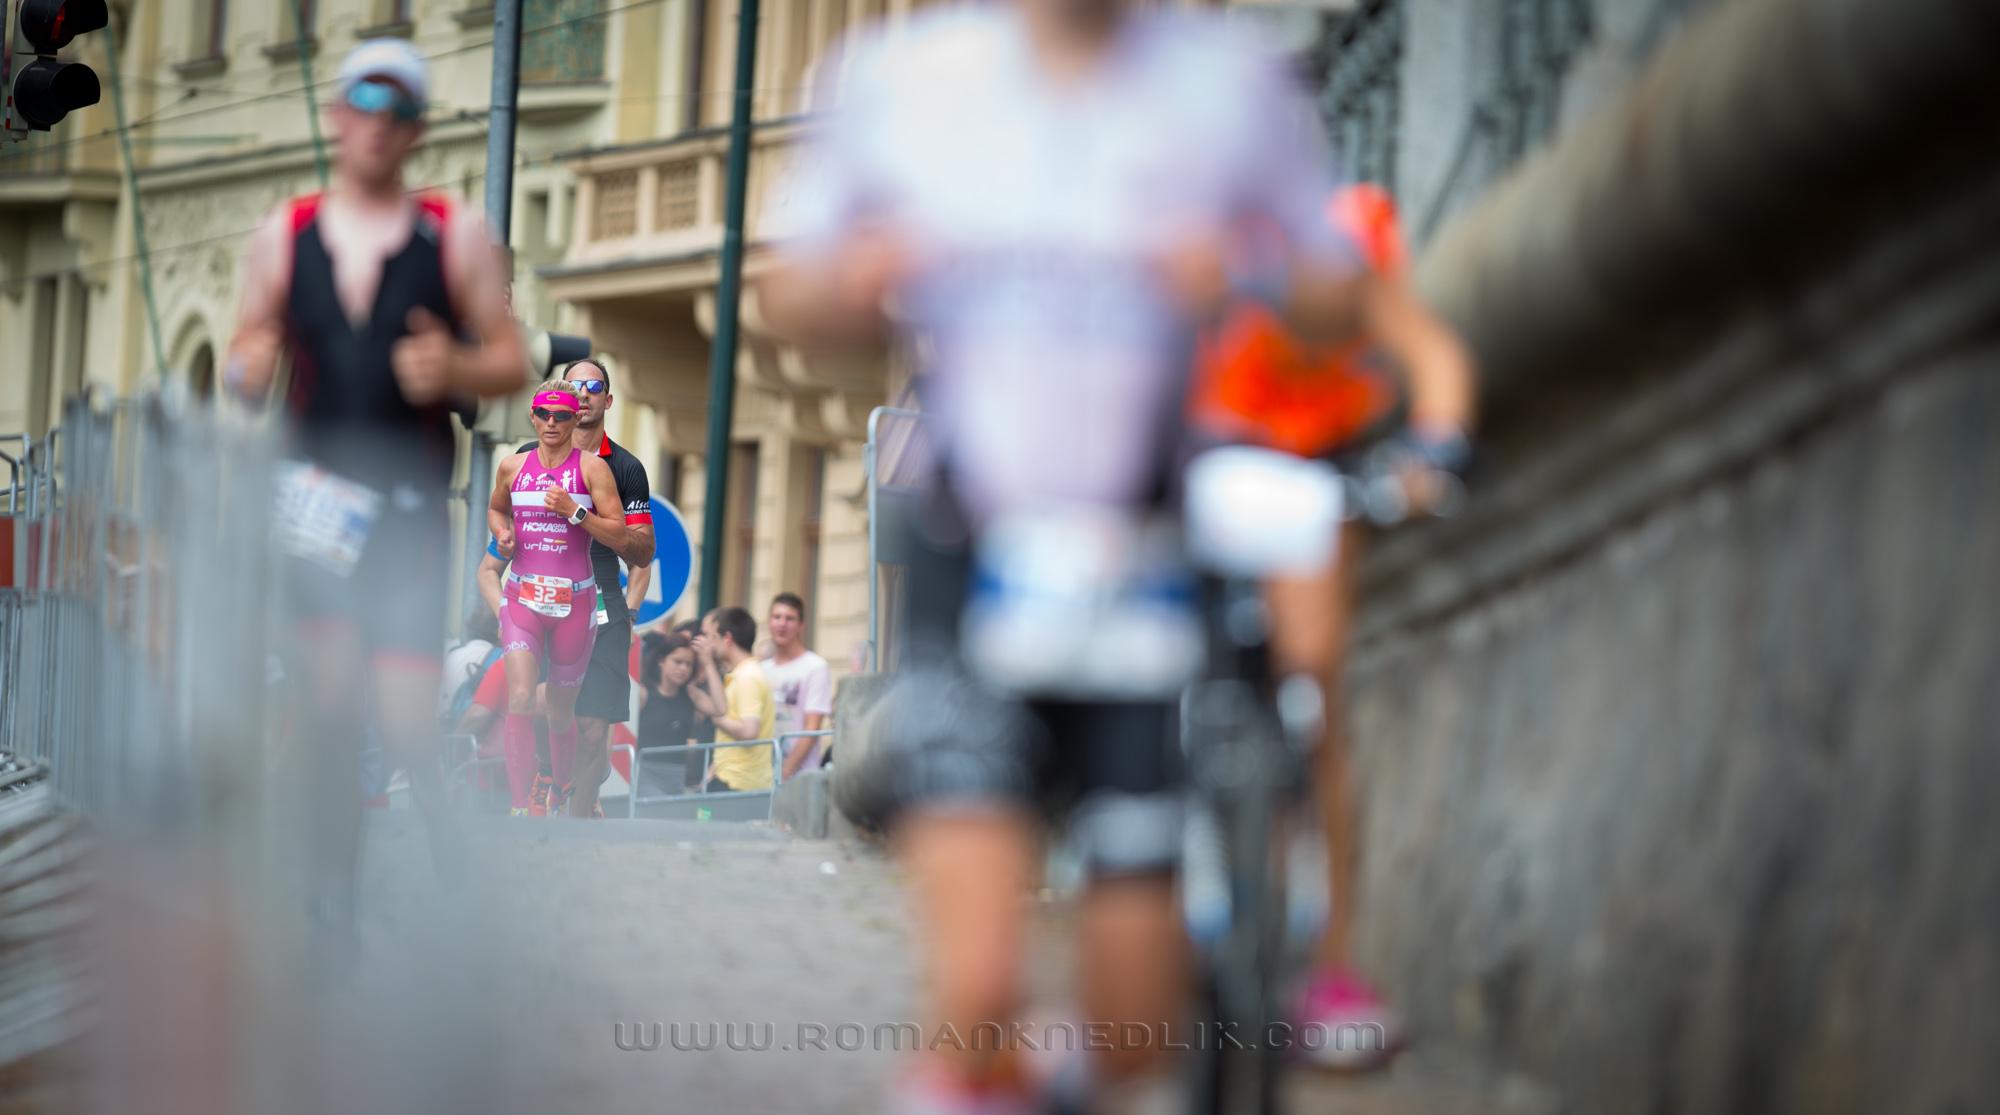 Ford_challenge_Prague_Triathlon_2017-27